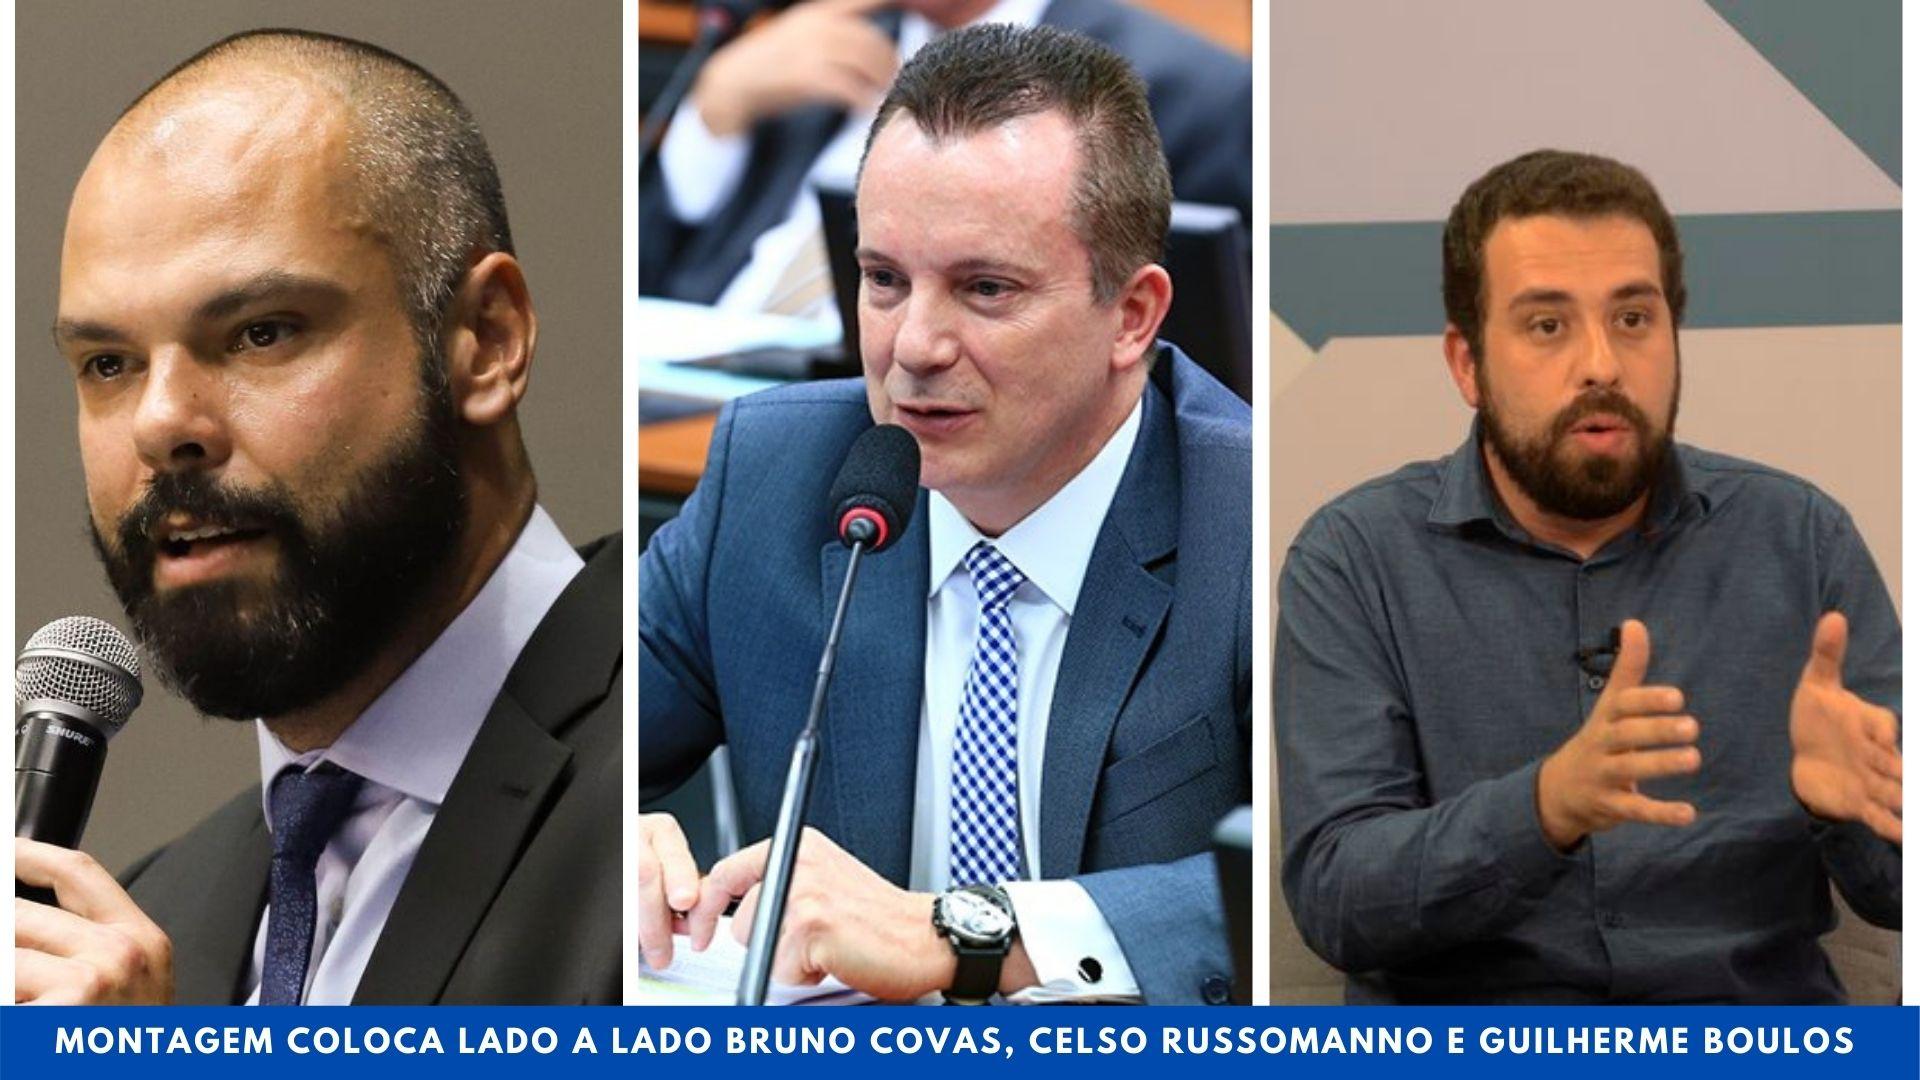 Montagem coloca lado a lado Bruno Covas, Celso Russomanno e Guilherme Boulos